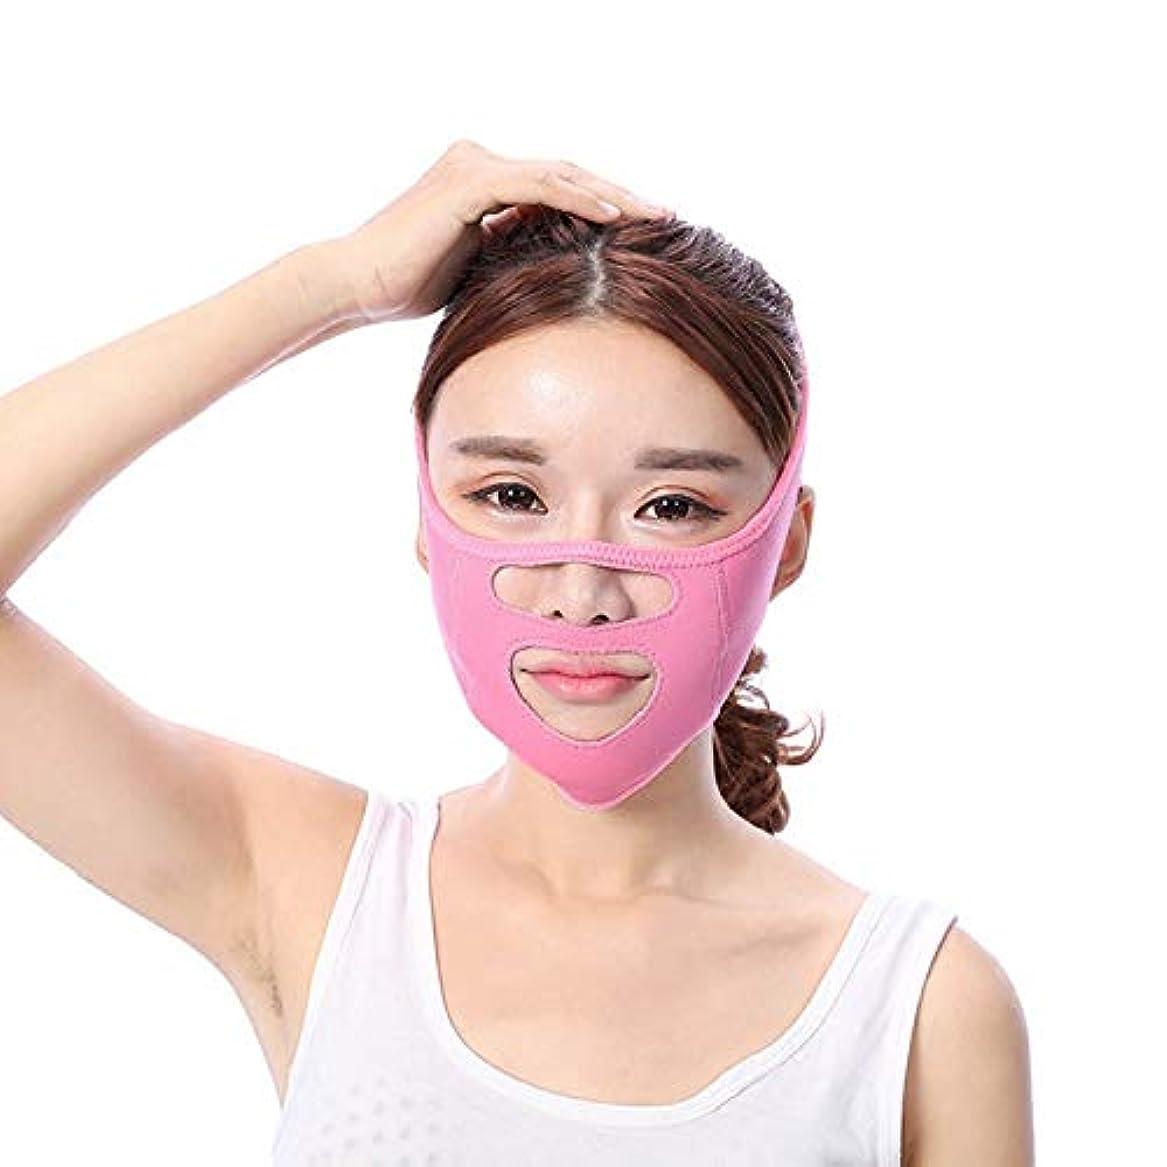 クリスチャン救援ヘクタールBS 顔の持ち上がる痩身ベルト - あなたの顔のための素晴らしいトレーニング二重あごのワークアウトフェイスマスクベルト薄い顔包帯整形マスクは顔と首を締めますフェイススリム フェイスリフティングアーティファクト